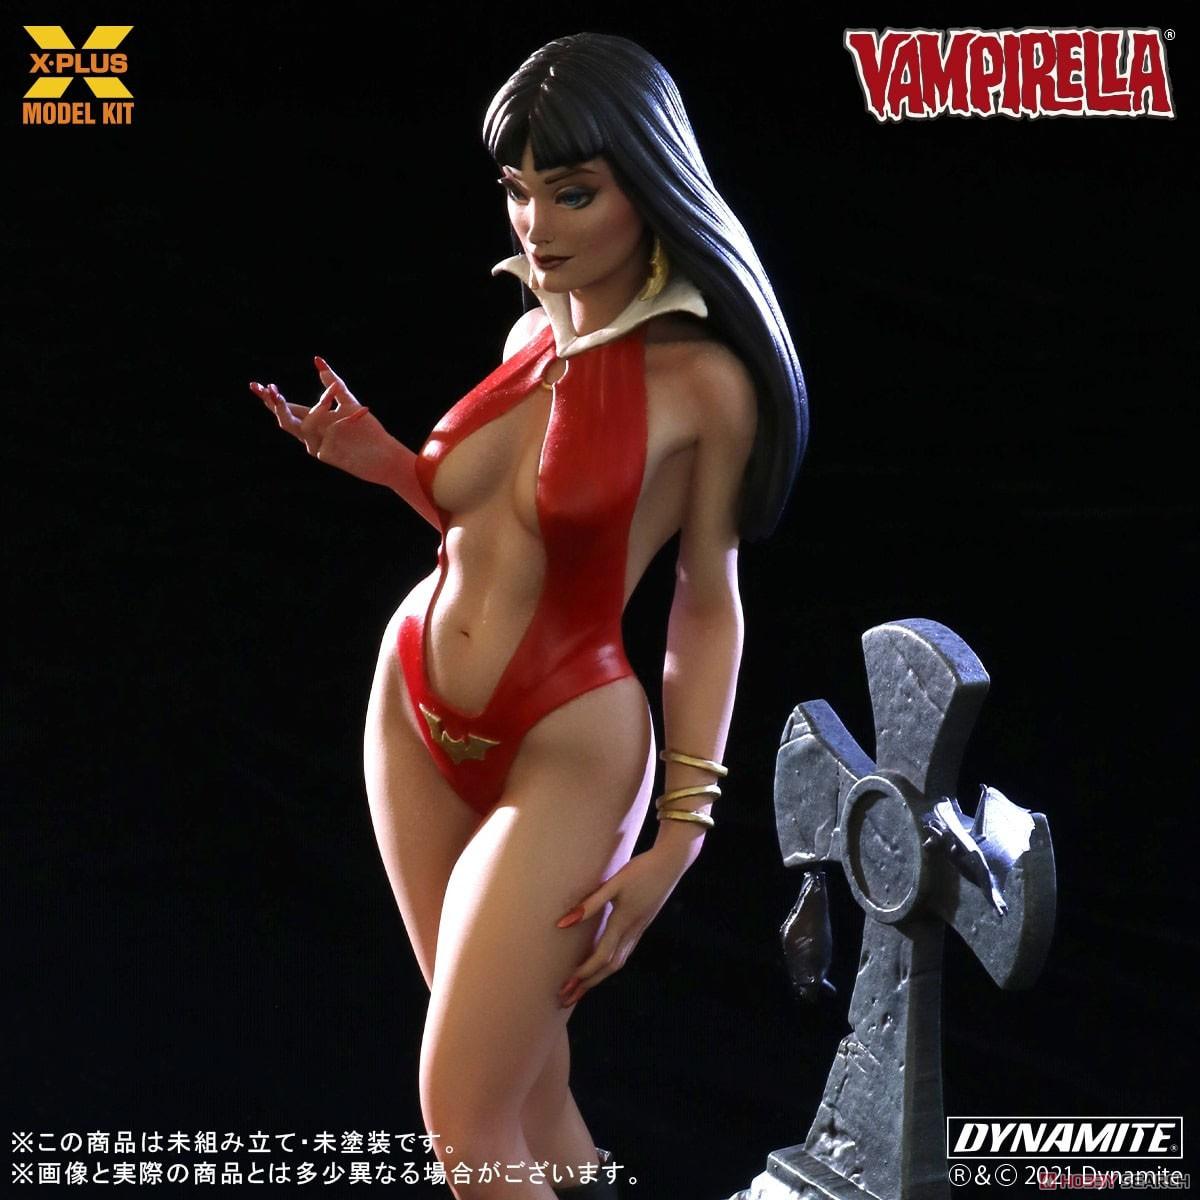 Vampirella『ヴァンピレラ 』1/8スケール プラスチック モデルキット-004